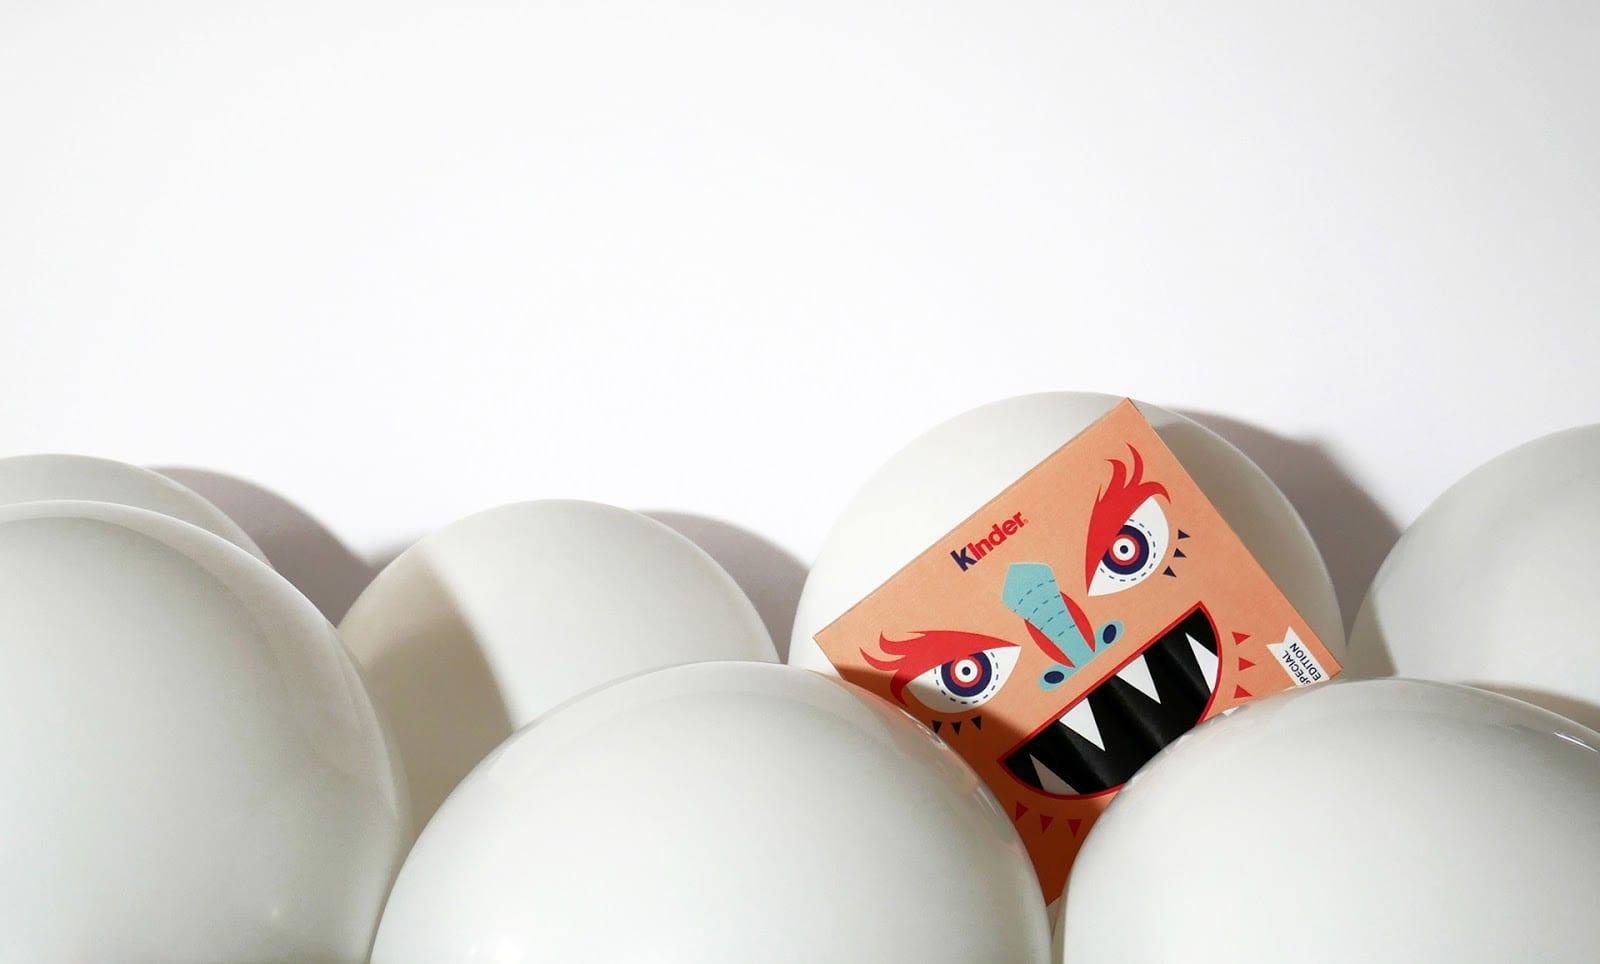 Kinder package redesign 01 - Koncept Halloweenského obalu Kinder čokoládek